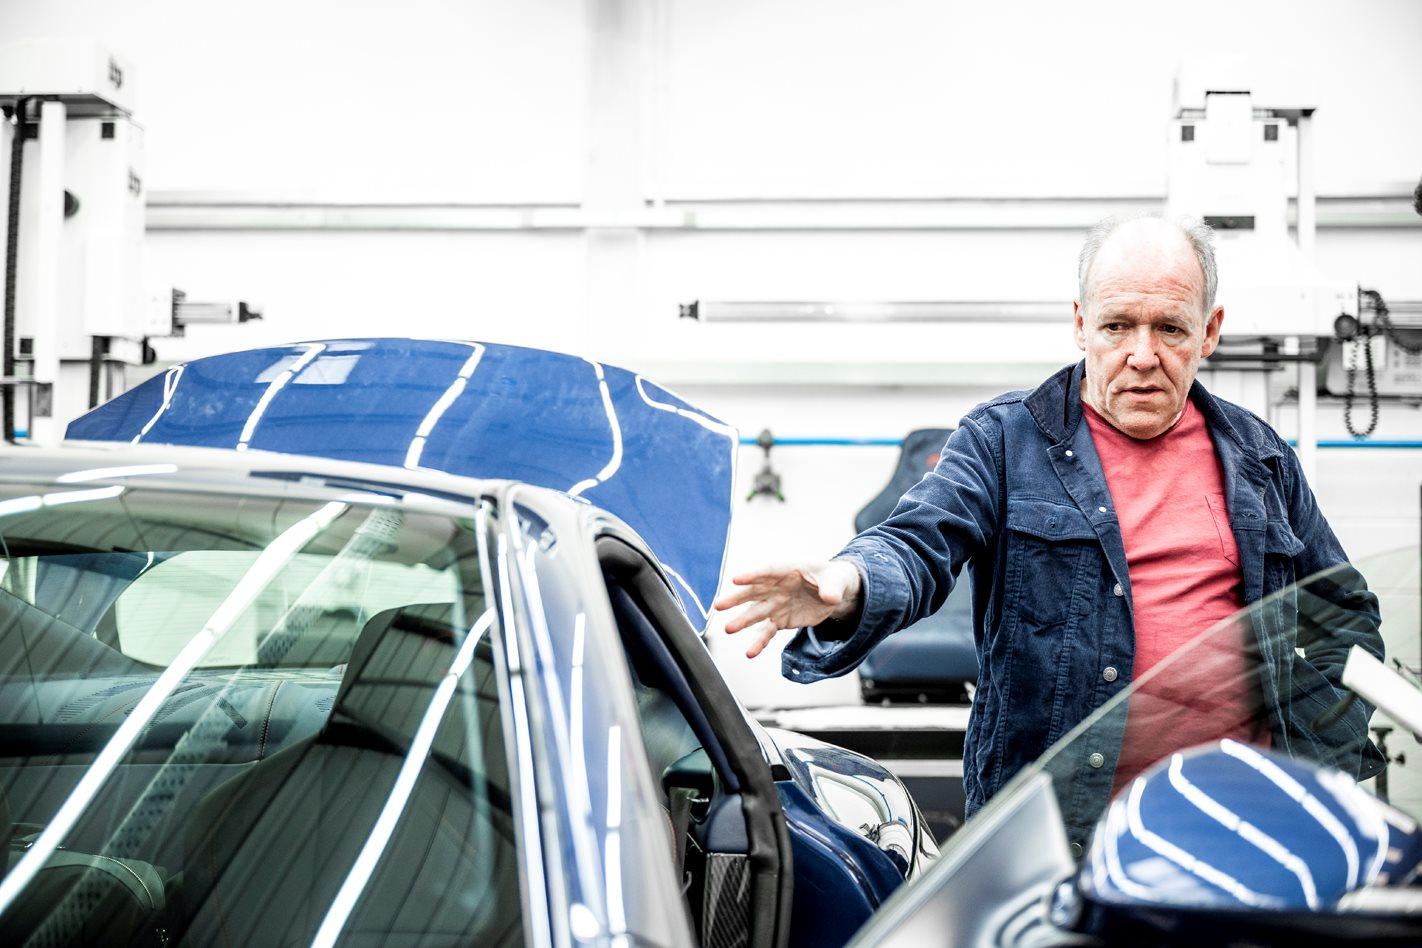 Ian Callum's seven-step guide to car design